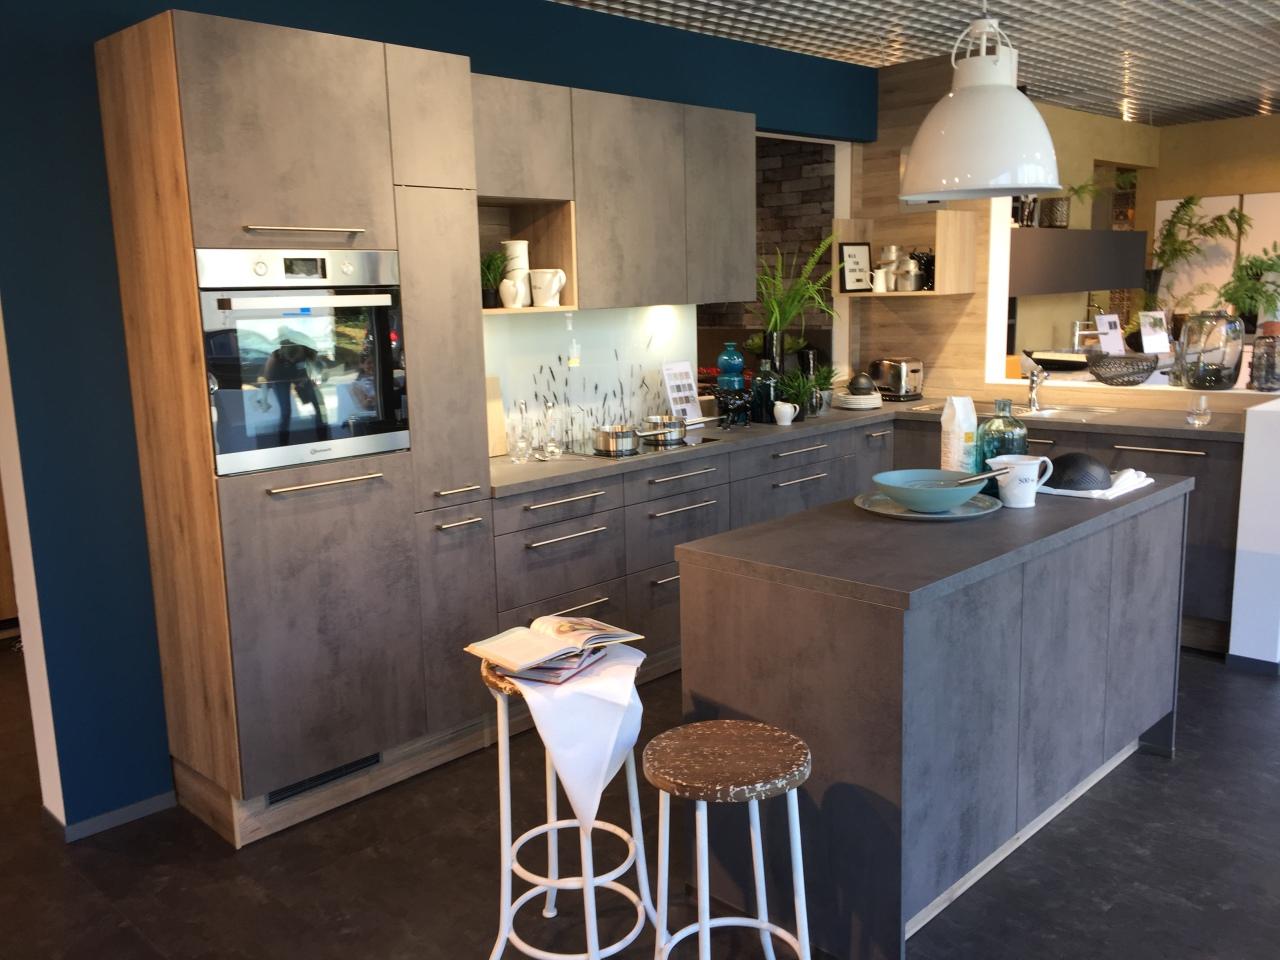 area30 das sind die k chentrends 2018 haus haushalt landleben wochenblatt f r. Black Bedroom Furniture Sets. Home Design Ideas